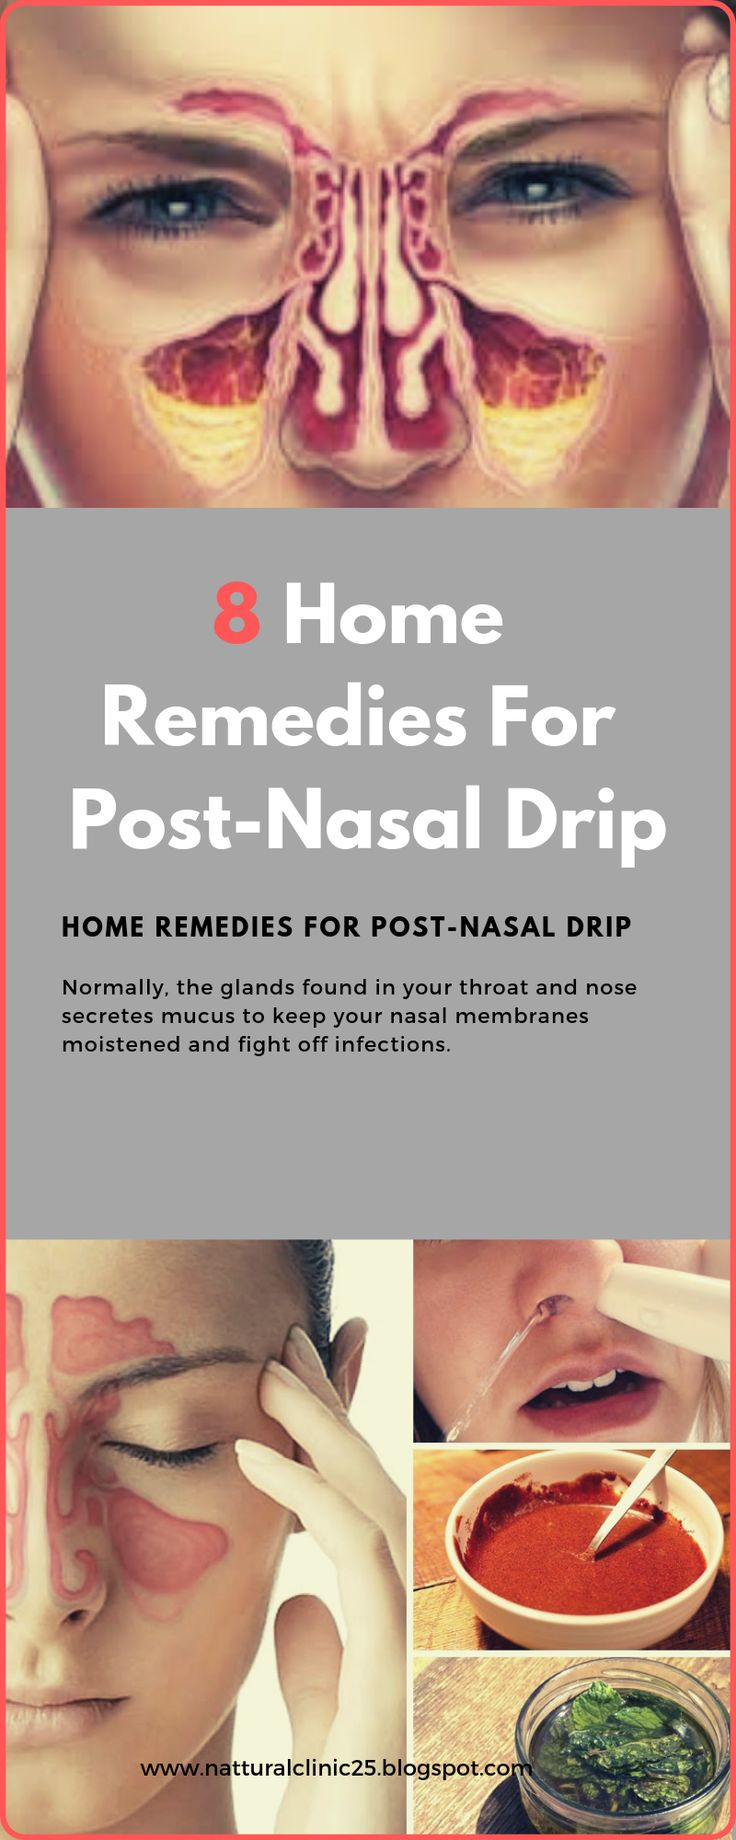 8 home remedies for postnasal drip remedies herbal